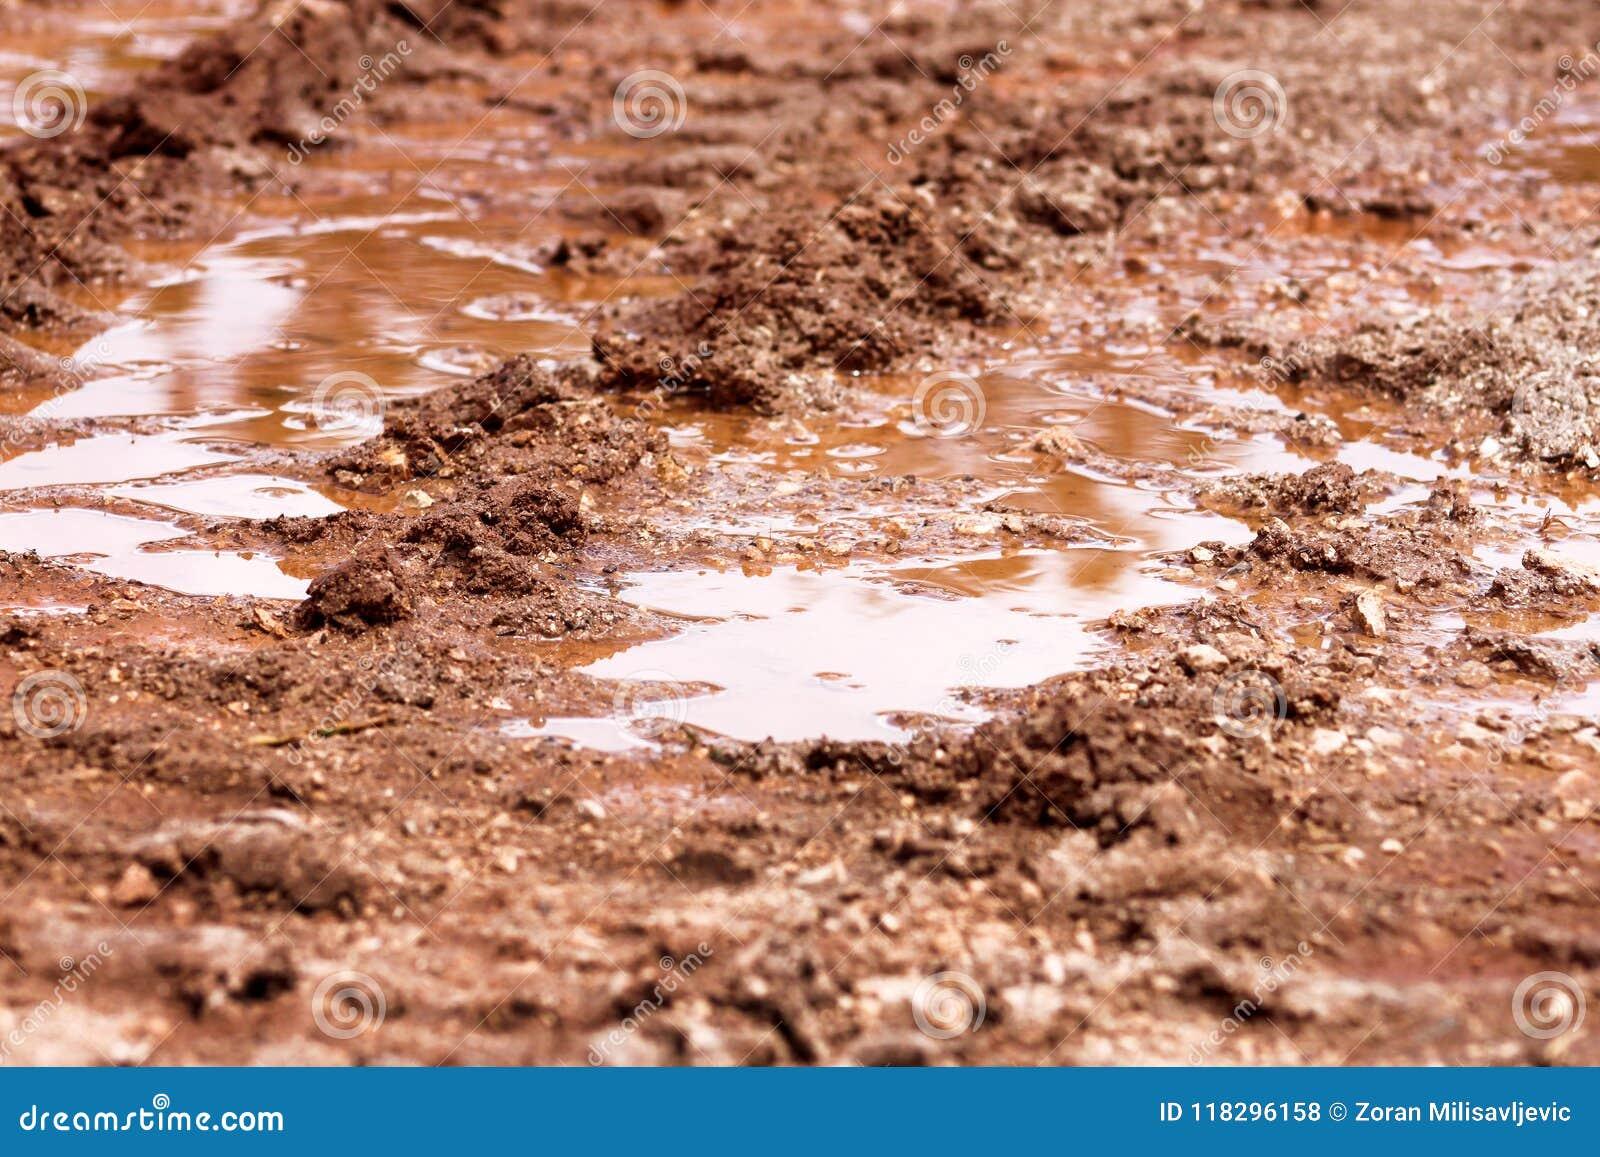 在雨以后转动在路、水坑和泥的踪影 在拖拉机,挖掘机,汽车,在泥泞的足迹的汽车轮胎轨道土壤的踪影